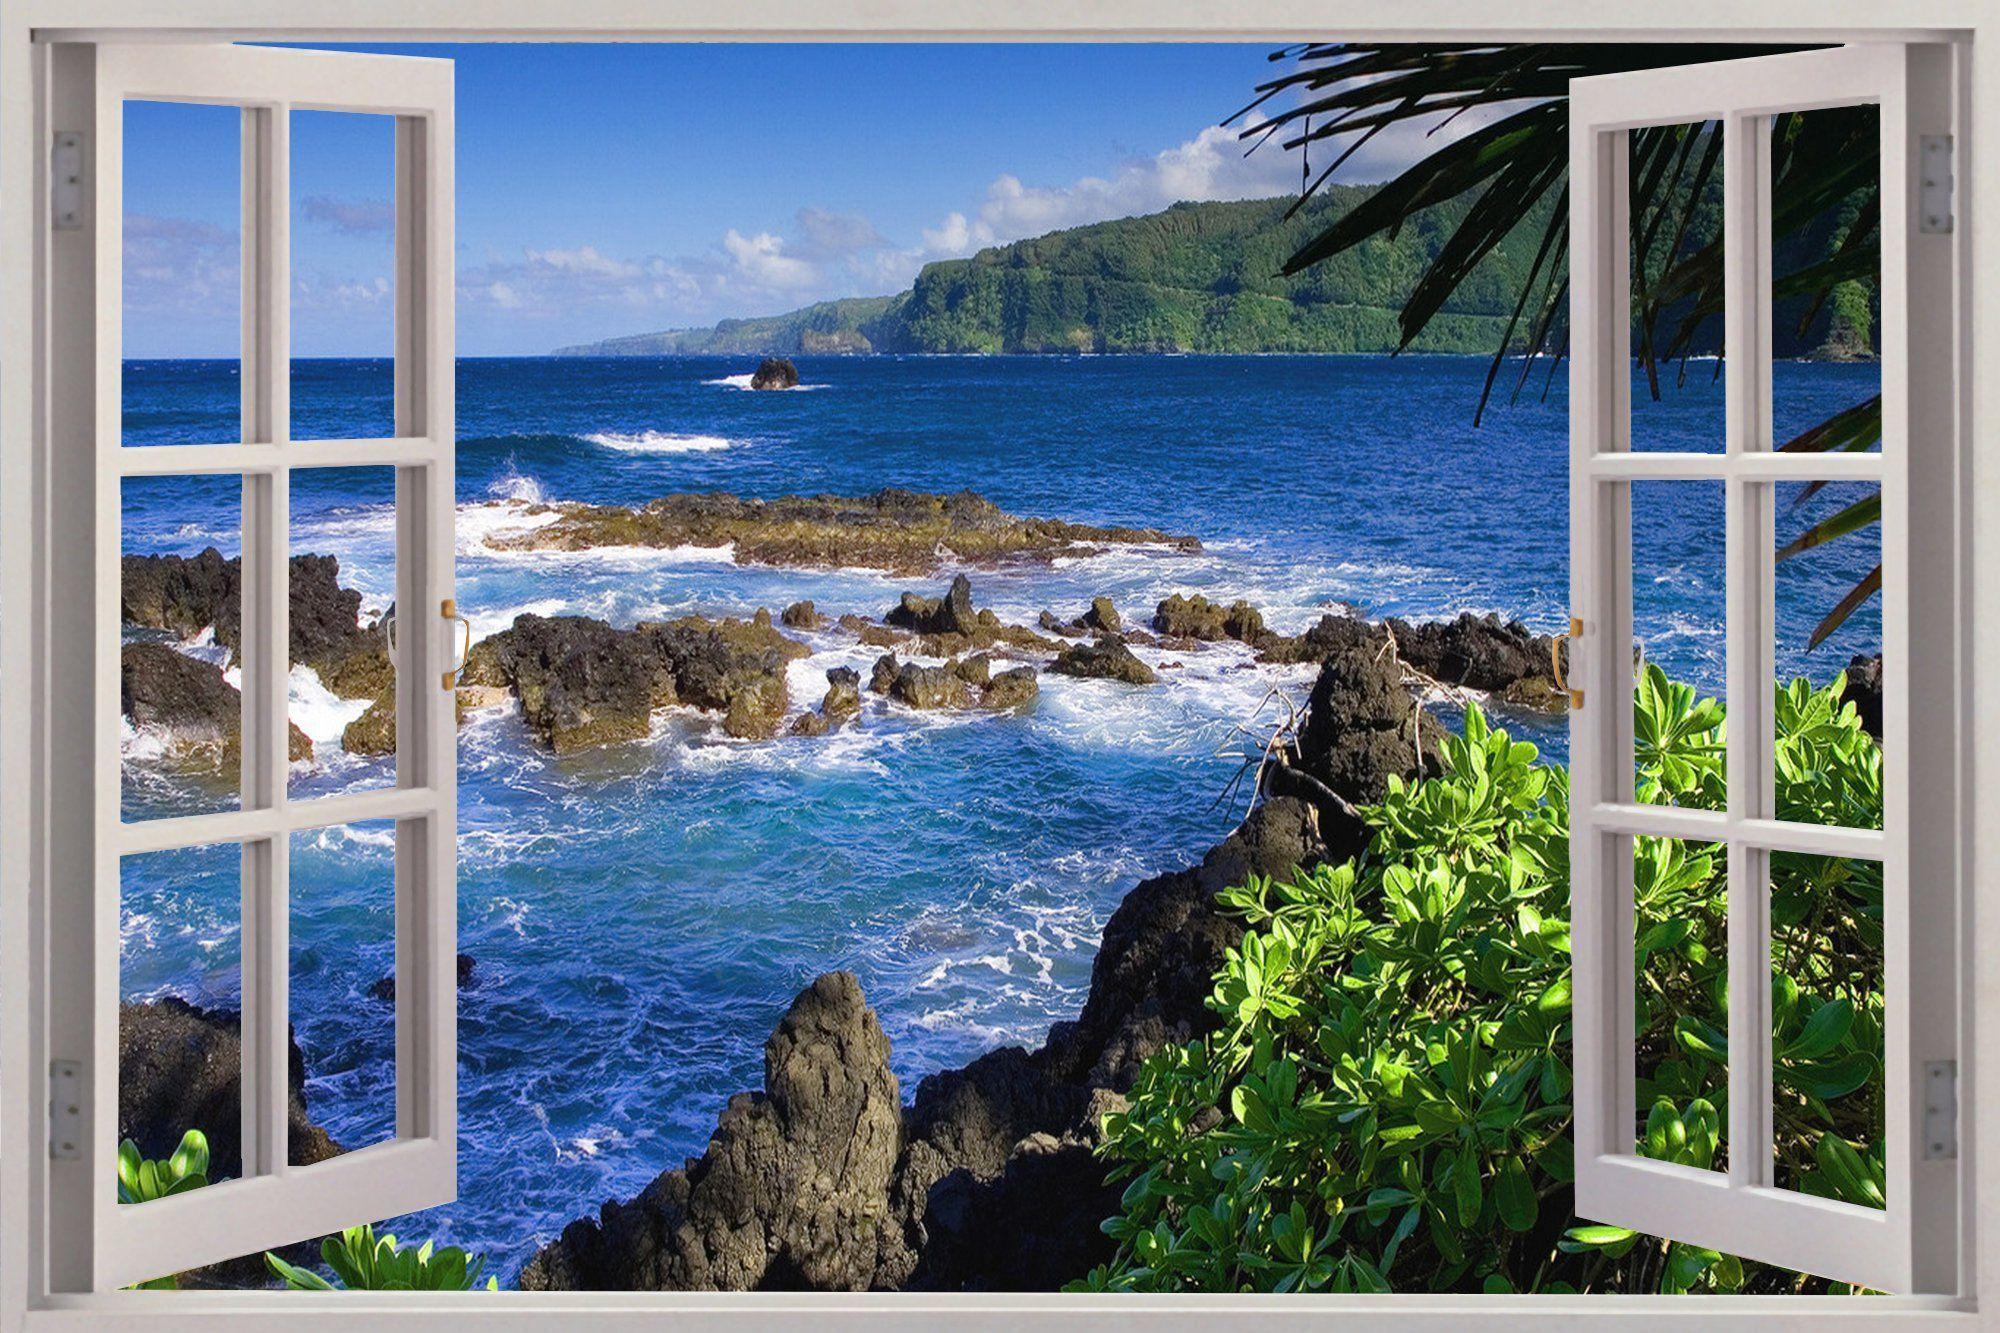 приходское картинки широкоформатные вид из окна днём